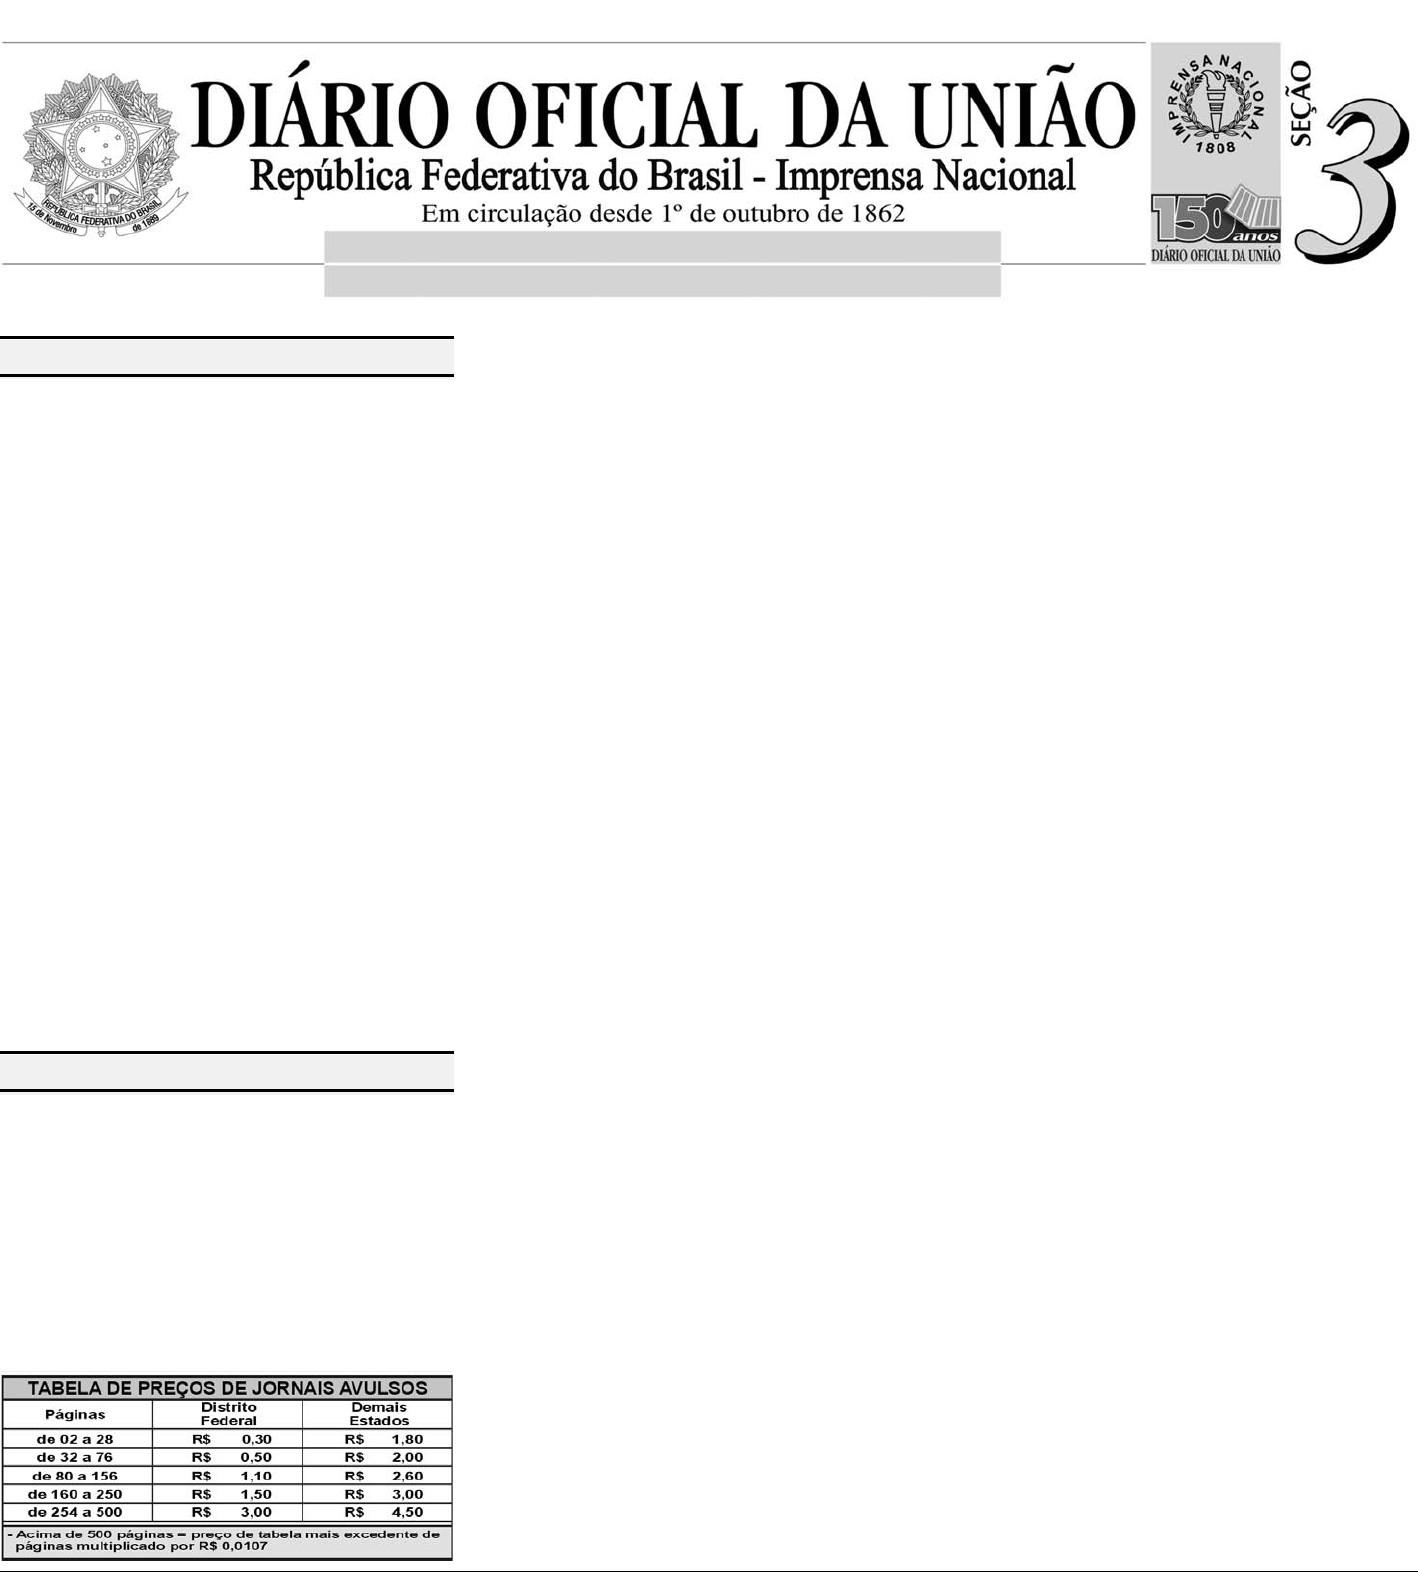 Calendario Jogos Da Copa 2019 Para Imprimir Actual Classifica§£o Final Eam No Diário Icial [pdf Document] Of Calendario Jogos Da Copa 2019 Para Imprimir Actual Dez Estádios Alternativos Da América Do Sul Para A Final Da